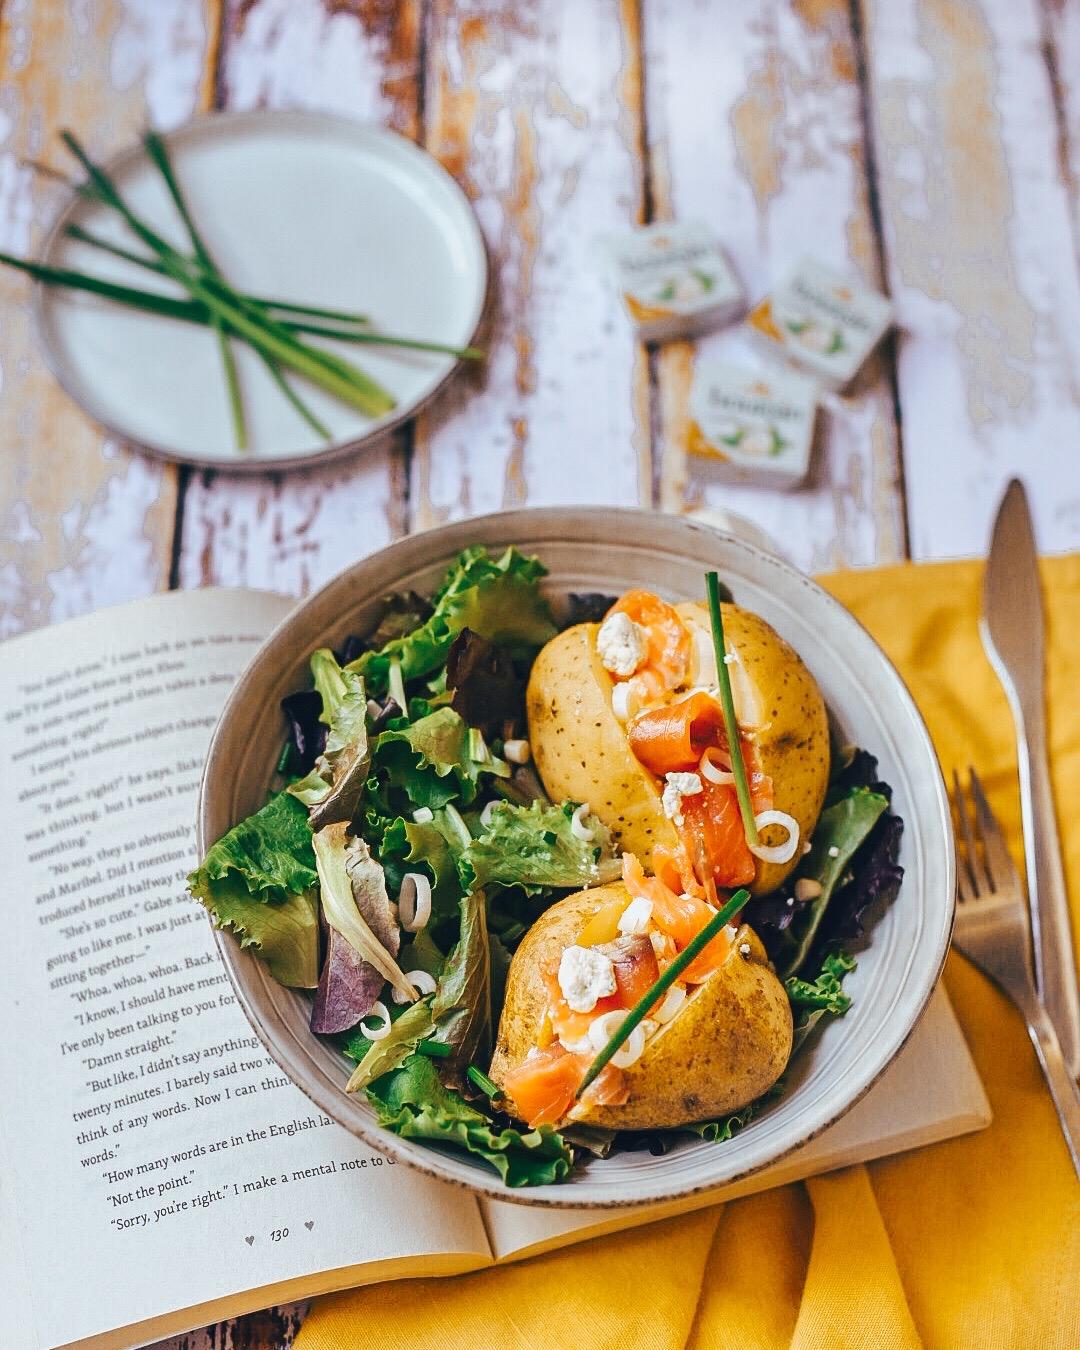 Recette simplissime #1 : Pommes de terre au saumon et au Boursin®